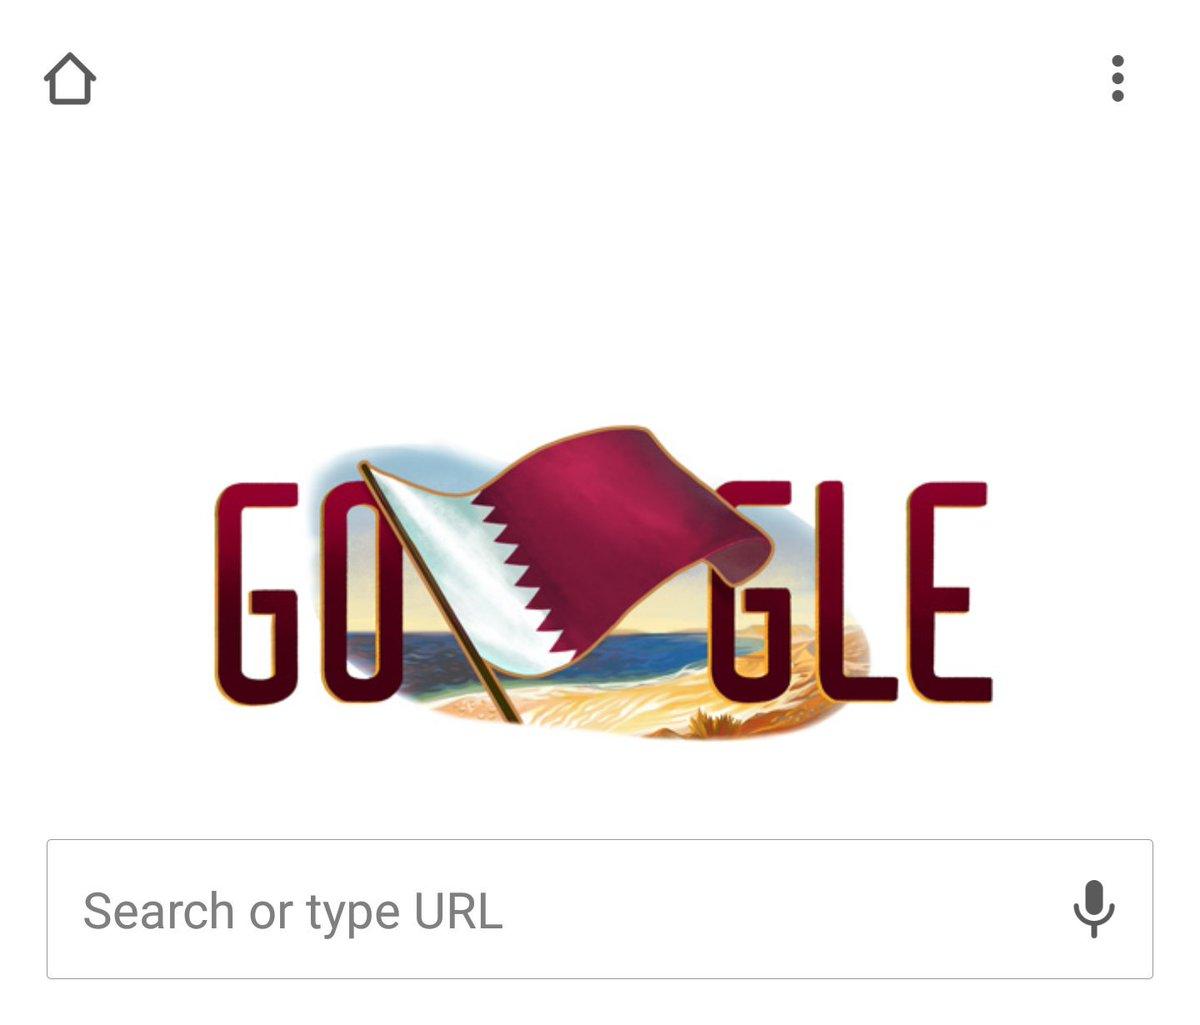 Cool! #GoogleDoodle has been updated for #QatarNationalDay